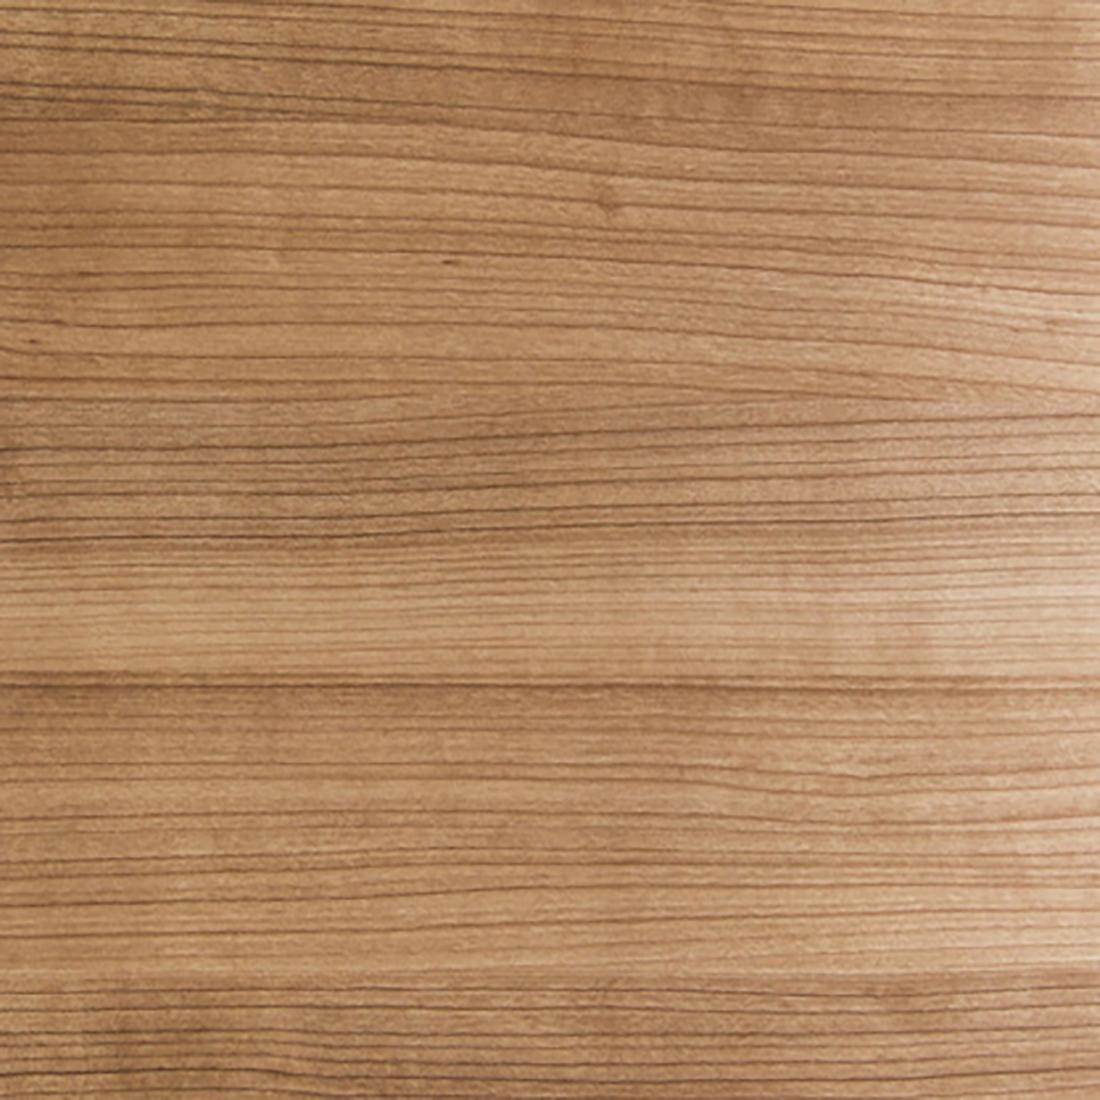 light walnut-coloured beech wood